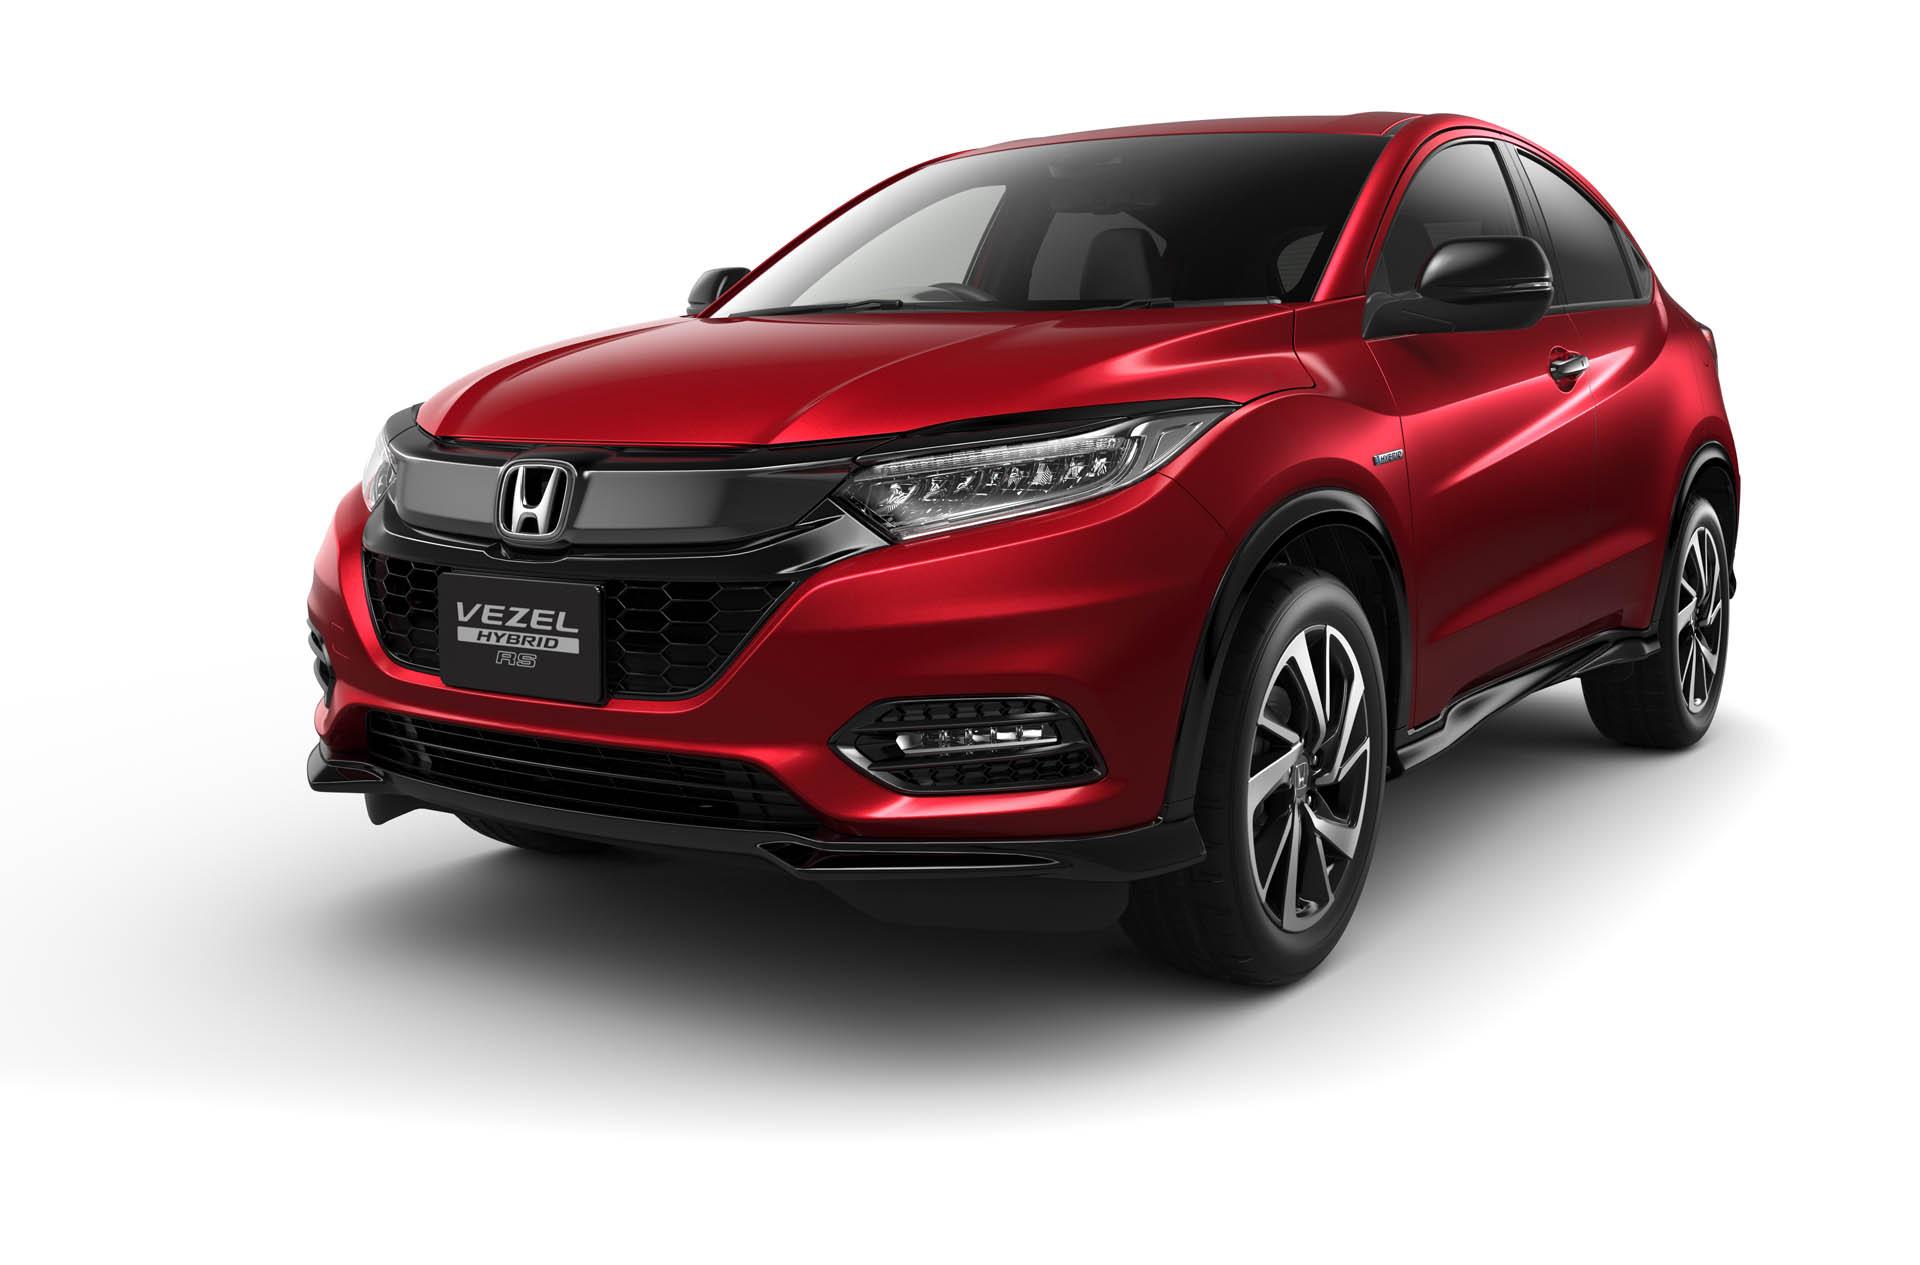 2018_Honda_Vezel_facelift_0024